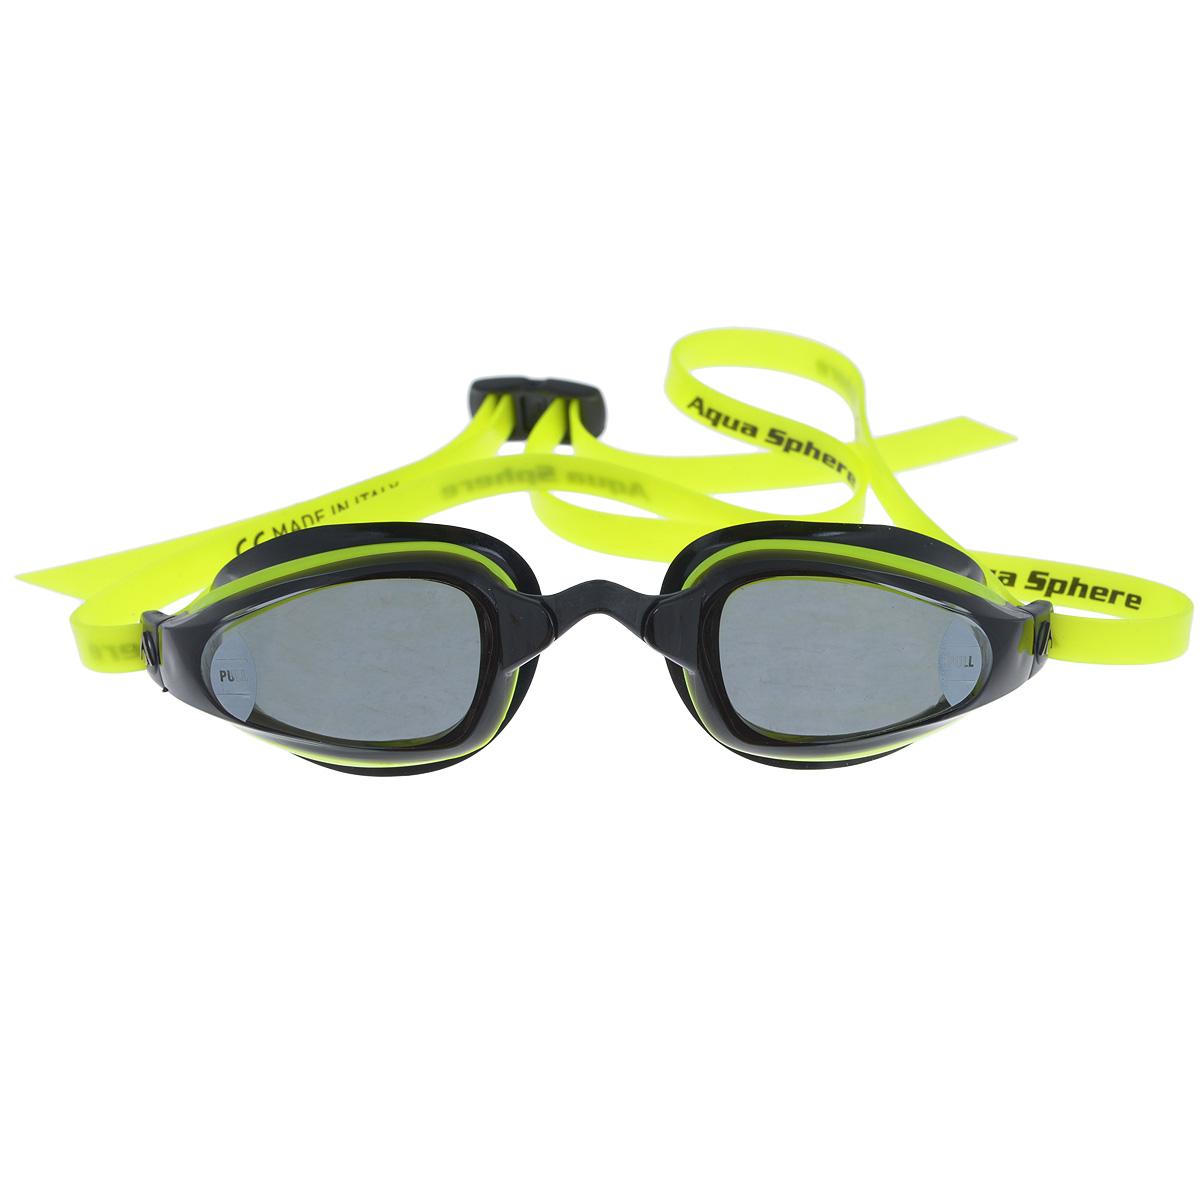 Очки для плавания Aqua Sphere K180, цвет: желтый, черныйTN 173260Aqua Sphere K180 - это первые очки для скоростного плавания, обладающие панорамным обзором в 180°, который достигается благодаря очень близкому расположению линз к глазам. Благодаря сменным перемычкам можно менять расстояние между линзами. Очки дают 100% защиту от ультрафиолетового излучения.В комплекте 3 сменных перемычки.